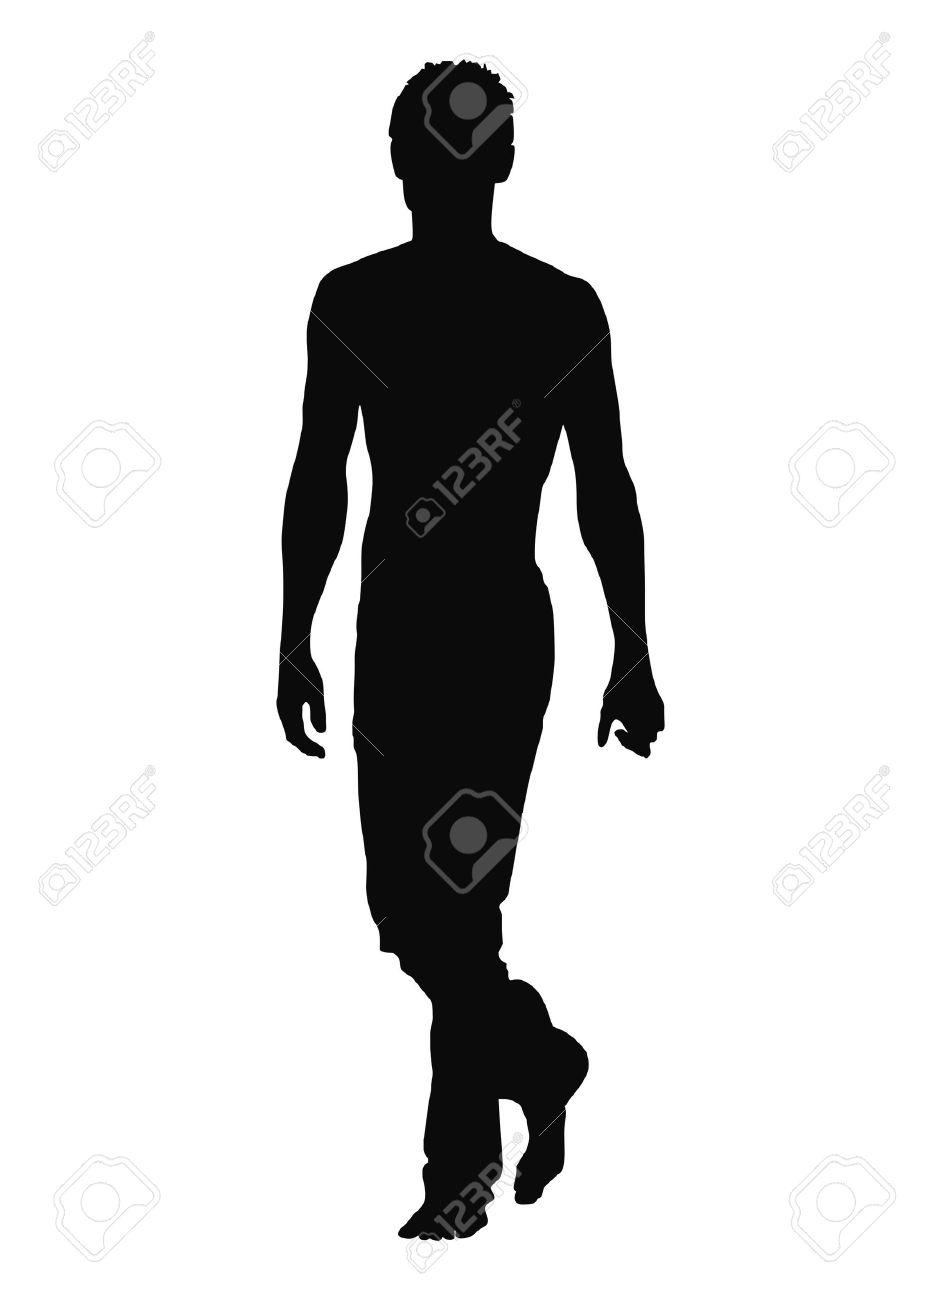 歩く人のシルエット。ベクトル イラスト。 ロイヤリティフリークリップ